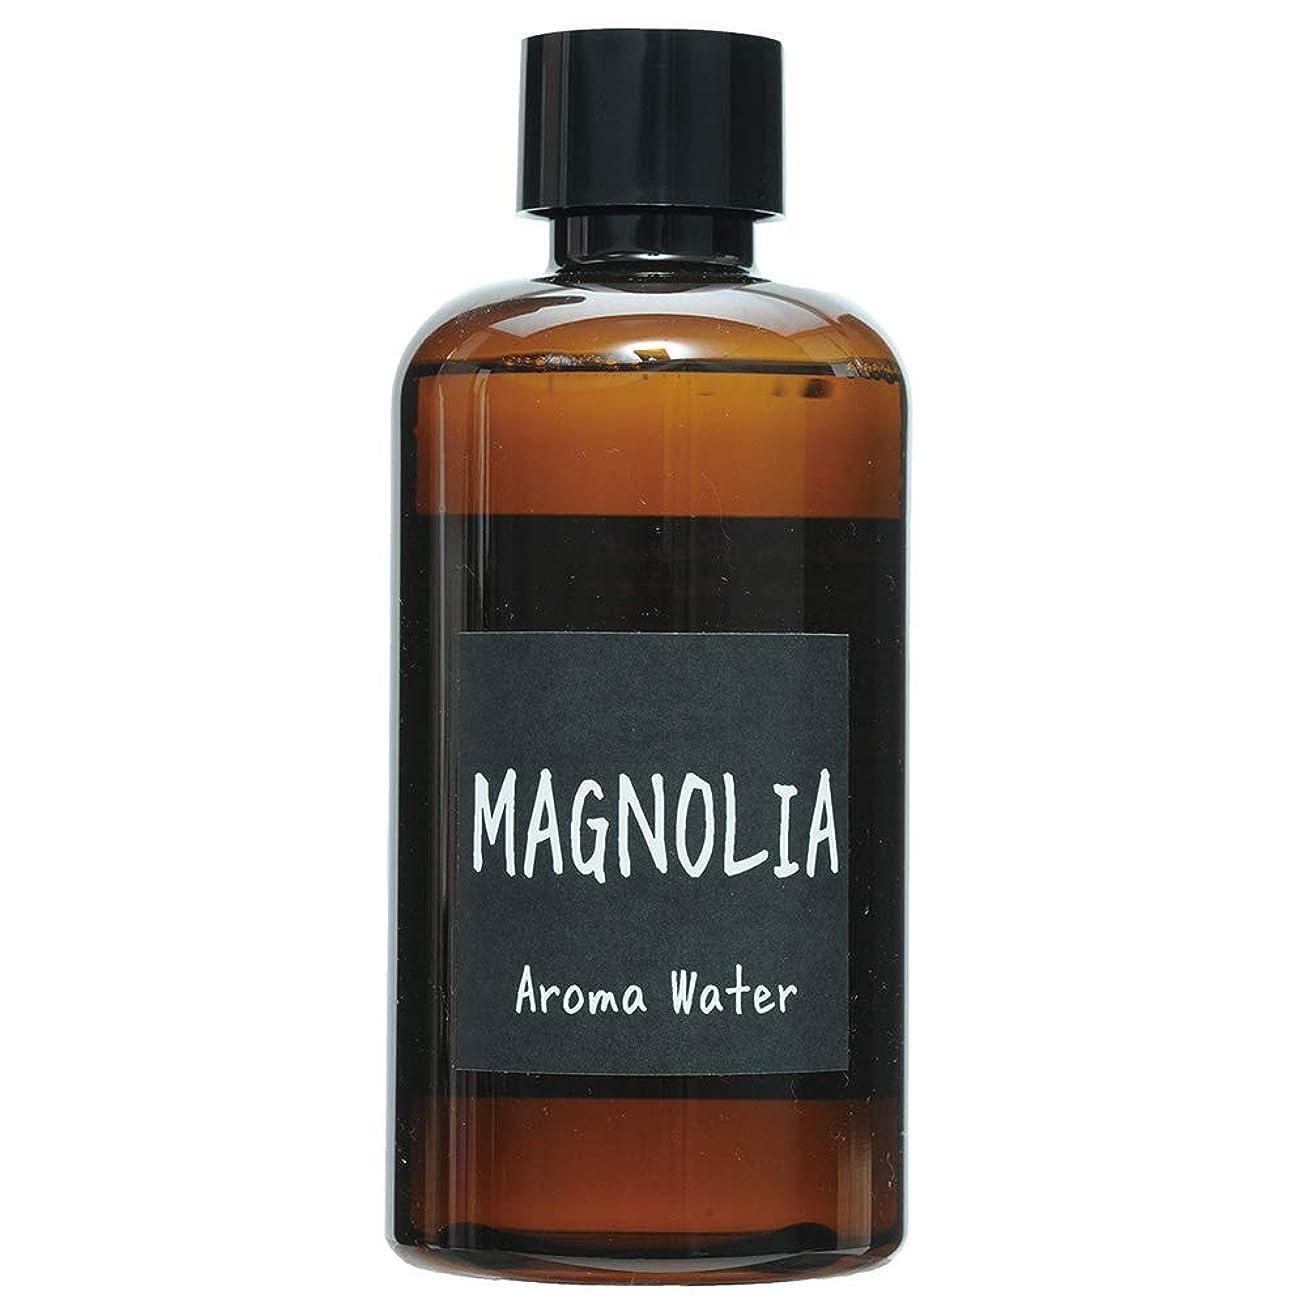 スクラップブックびっくり実り多いノルコーポレーション John's Blend アロマウォーター 加湿器用 OA-JON-23-7 マグノリアの香り 520ml